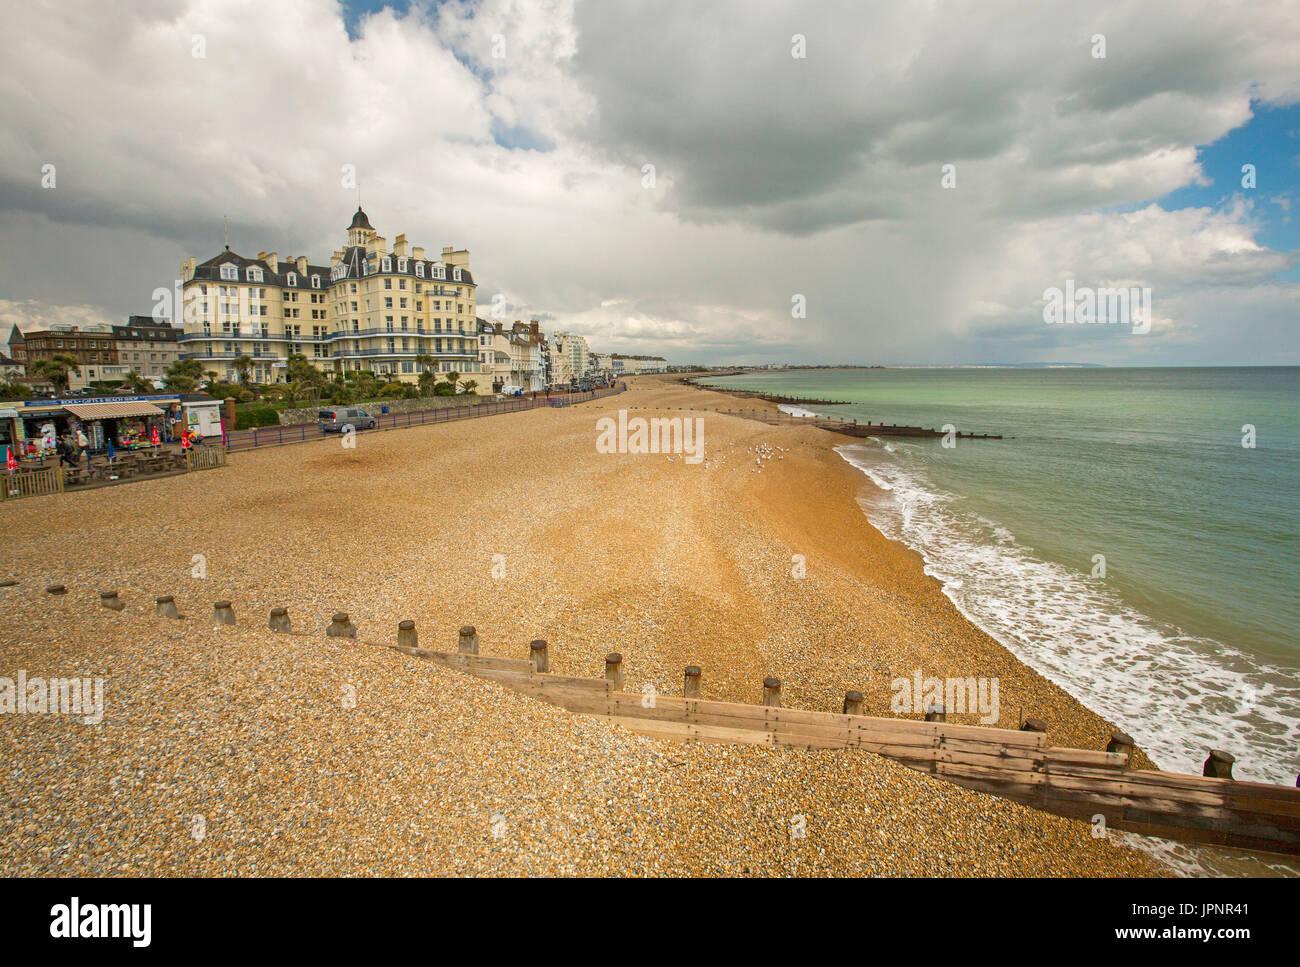 La spiaggia e la città a Eastbourne, Inghilterra Immagini Stock